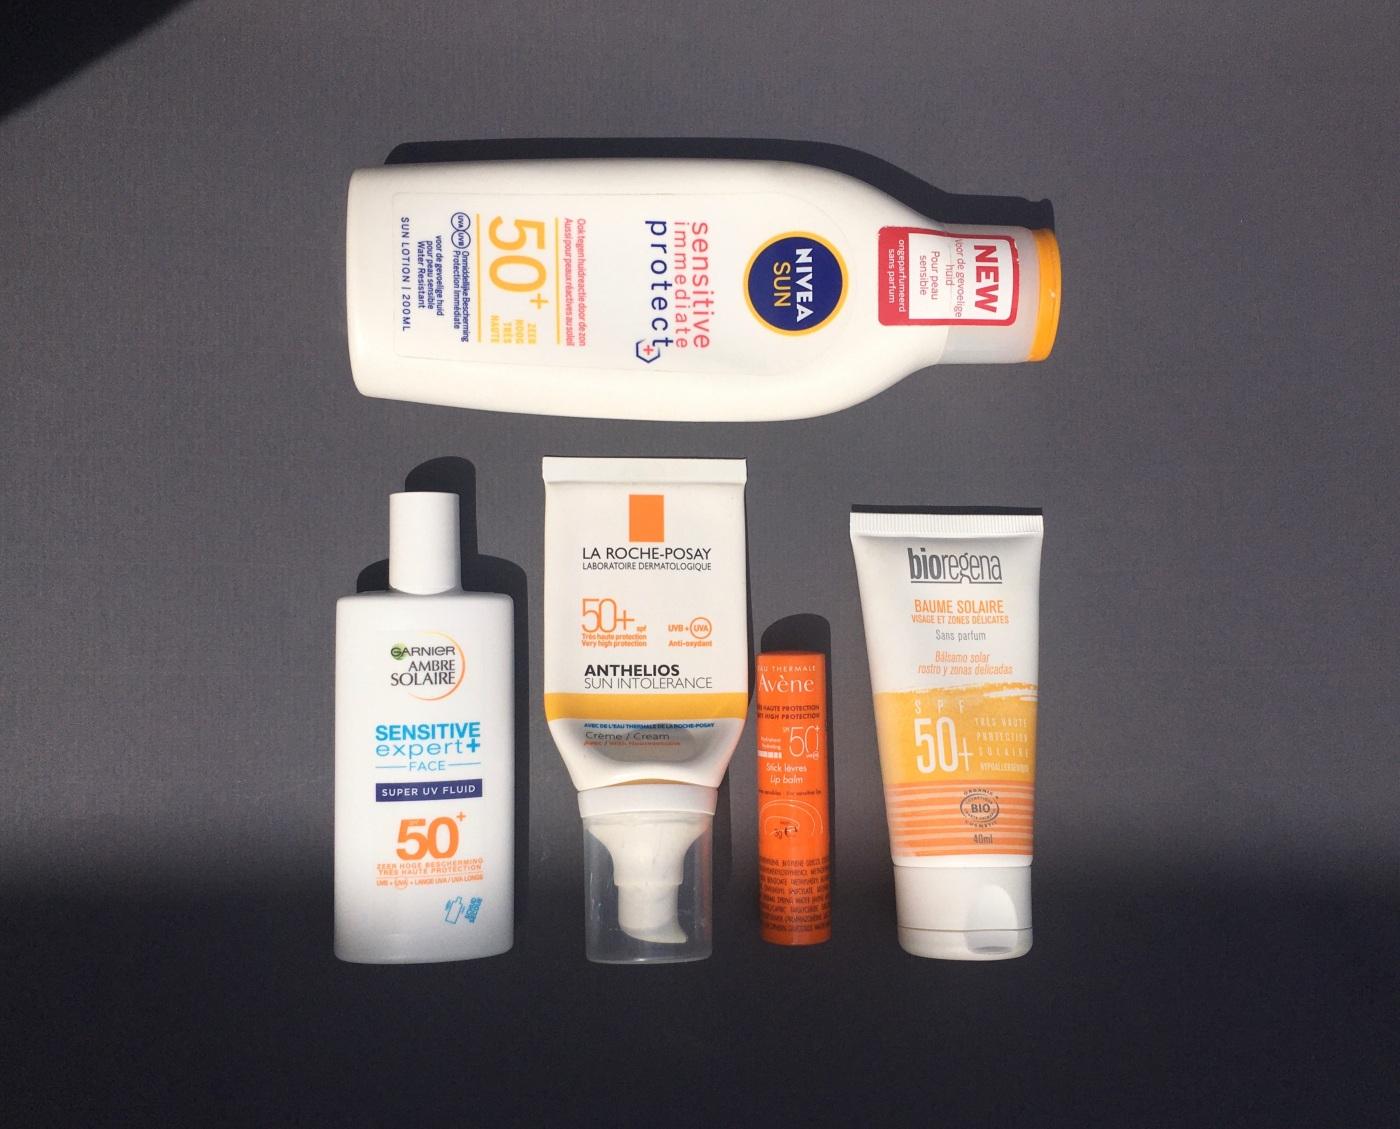 fragrance free sunscreen Nivea Sun Sensitive Immediate Protect+ Garnier Ambre Solaire Sensitive Expert+ Face La Roche-Posay Anthelios Sun Intolerance Avène Bioregena Baume Solaire SPF50+